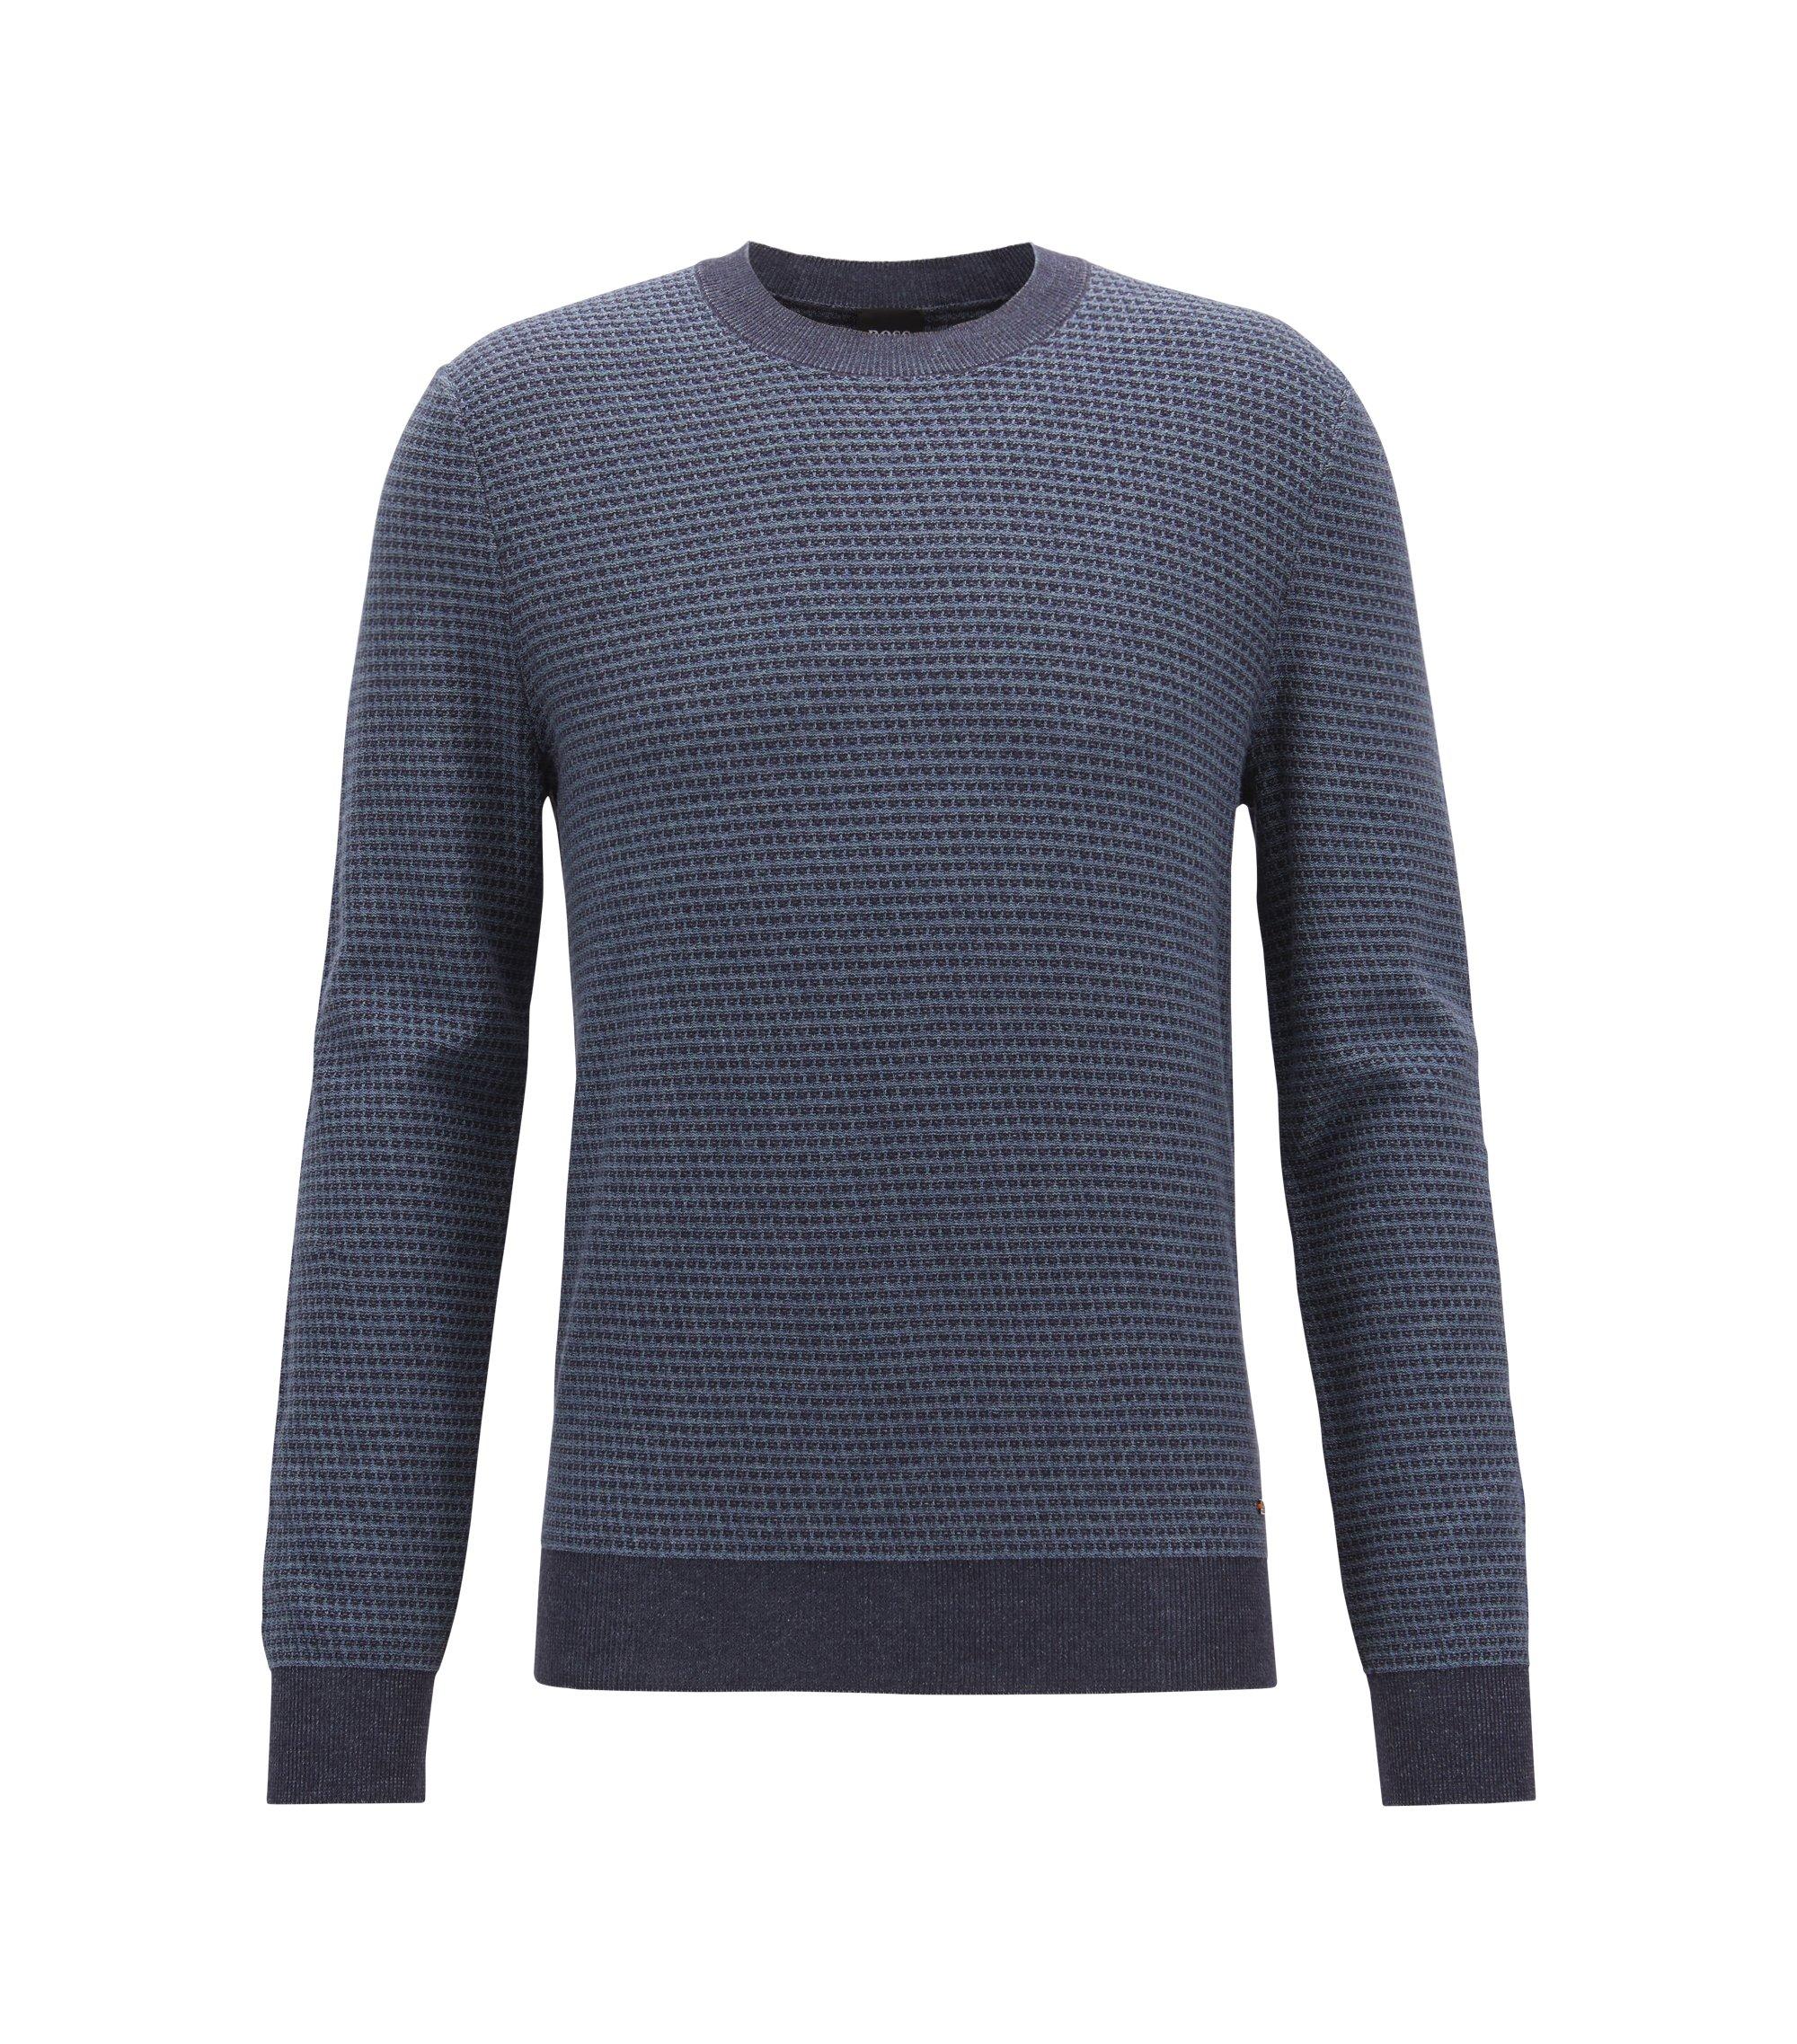 Pull bicolore en coton mélangé micro-structuré, Bleu foncé